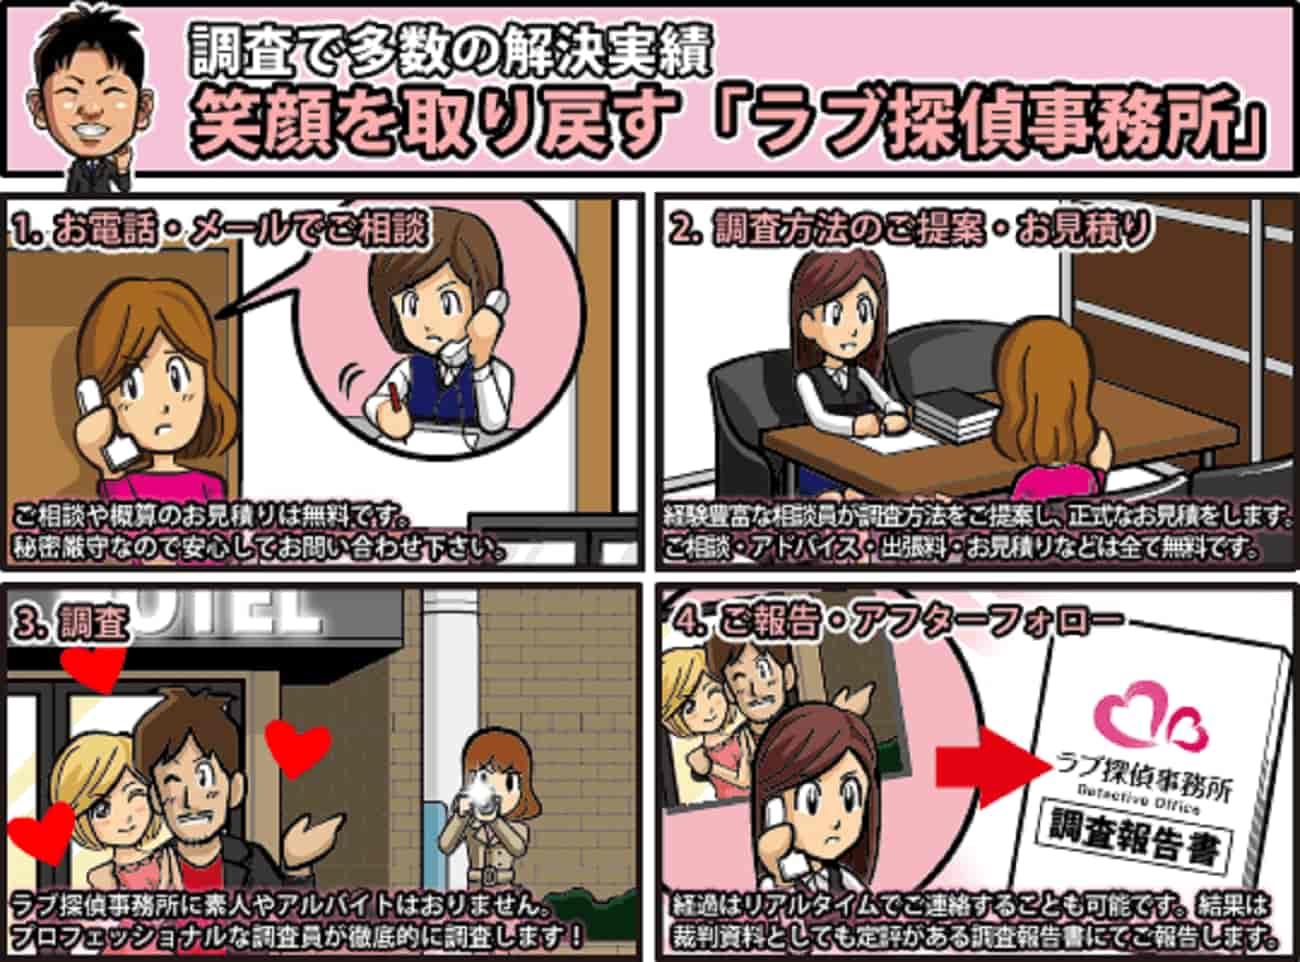 ラブ探偵事務所は千葉県香取郡の相談お見積り無料